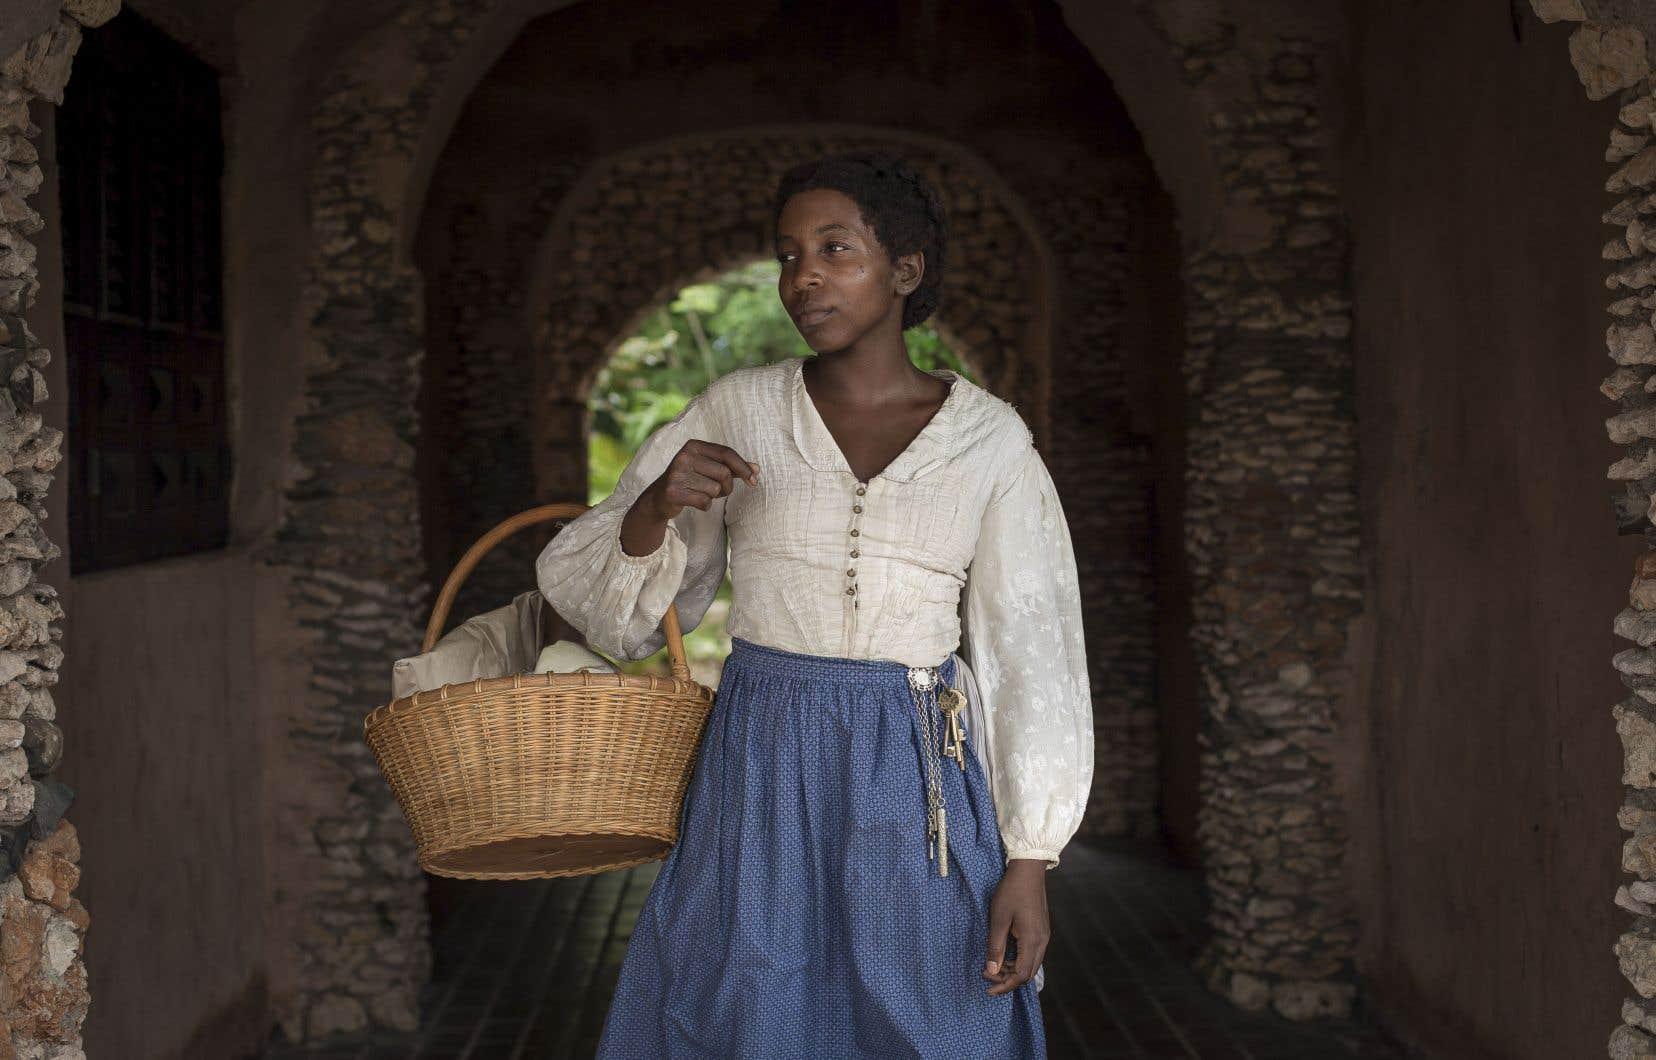 «The Long Song», adaptation du roman d'Andrea Levy, évoque les derniers moments de l'esclavagisme en Jamaïque, un système inhumain dont les répercussions se font encore sentir aujourd'hui.